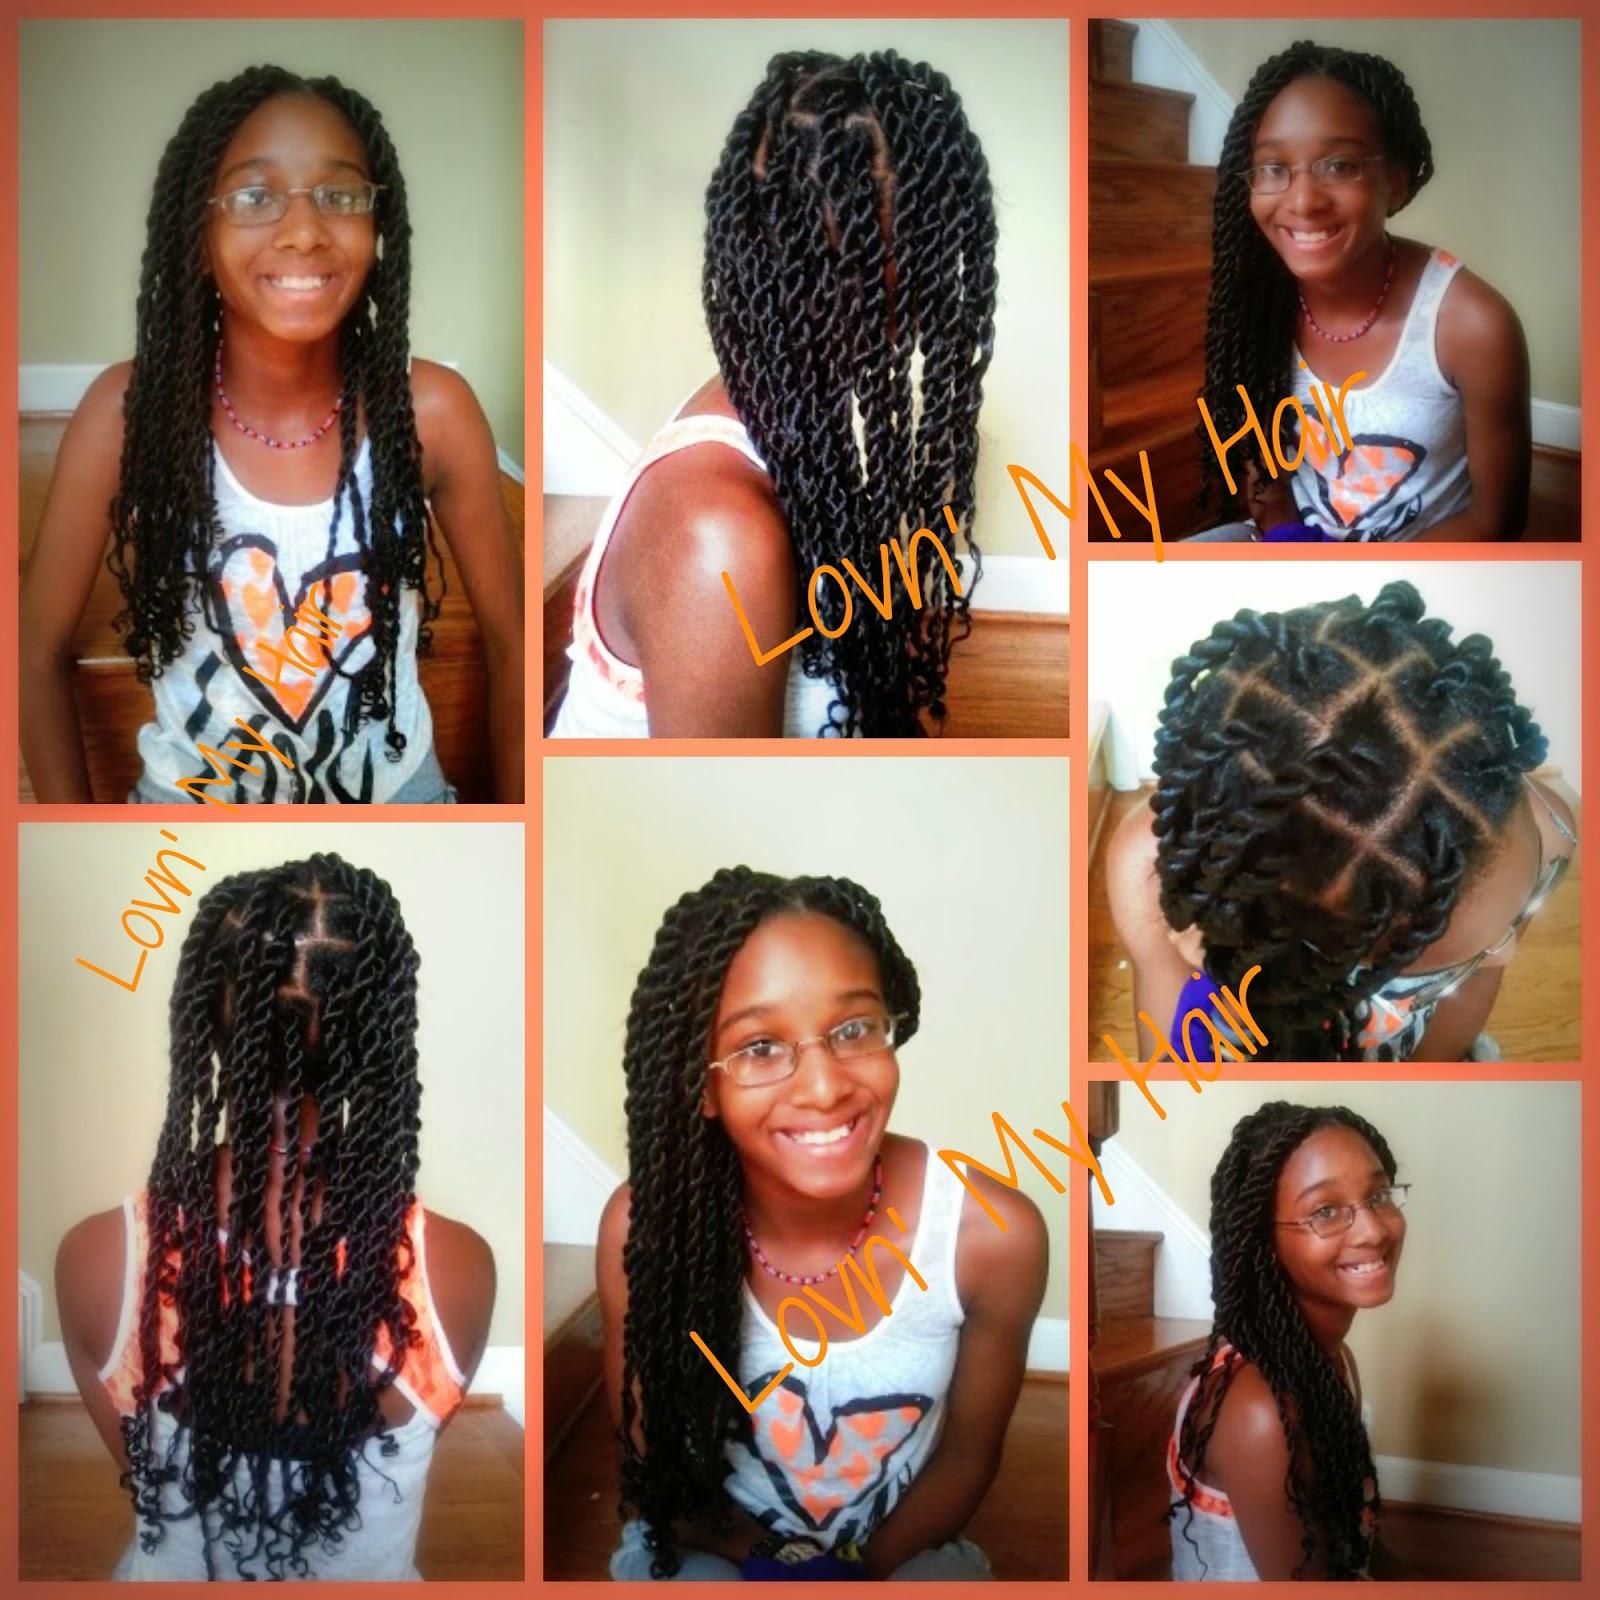 LOVN' MY HAIR: Rope Twist